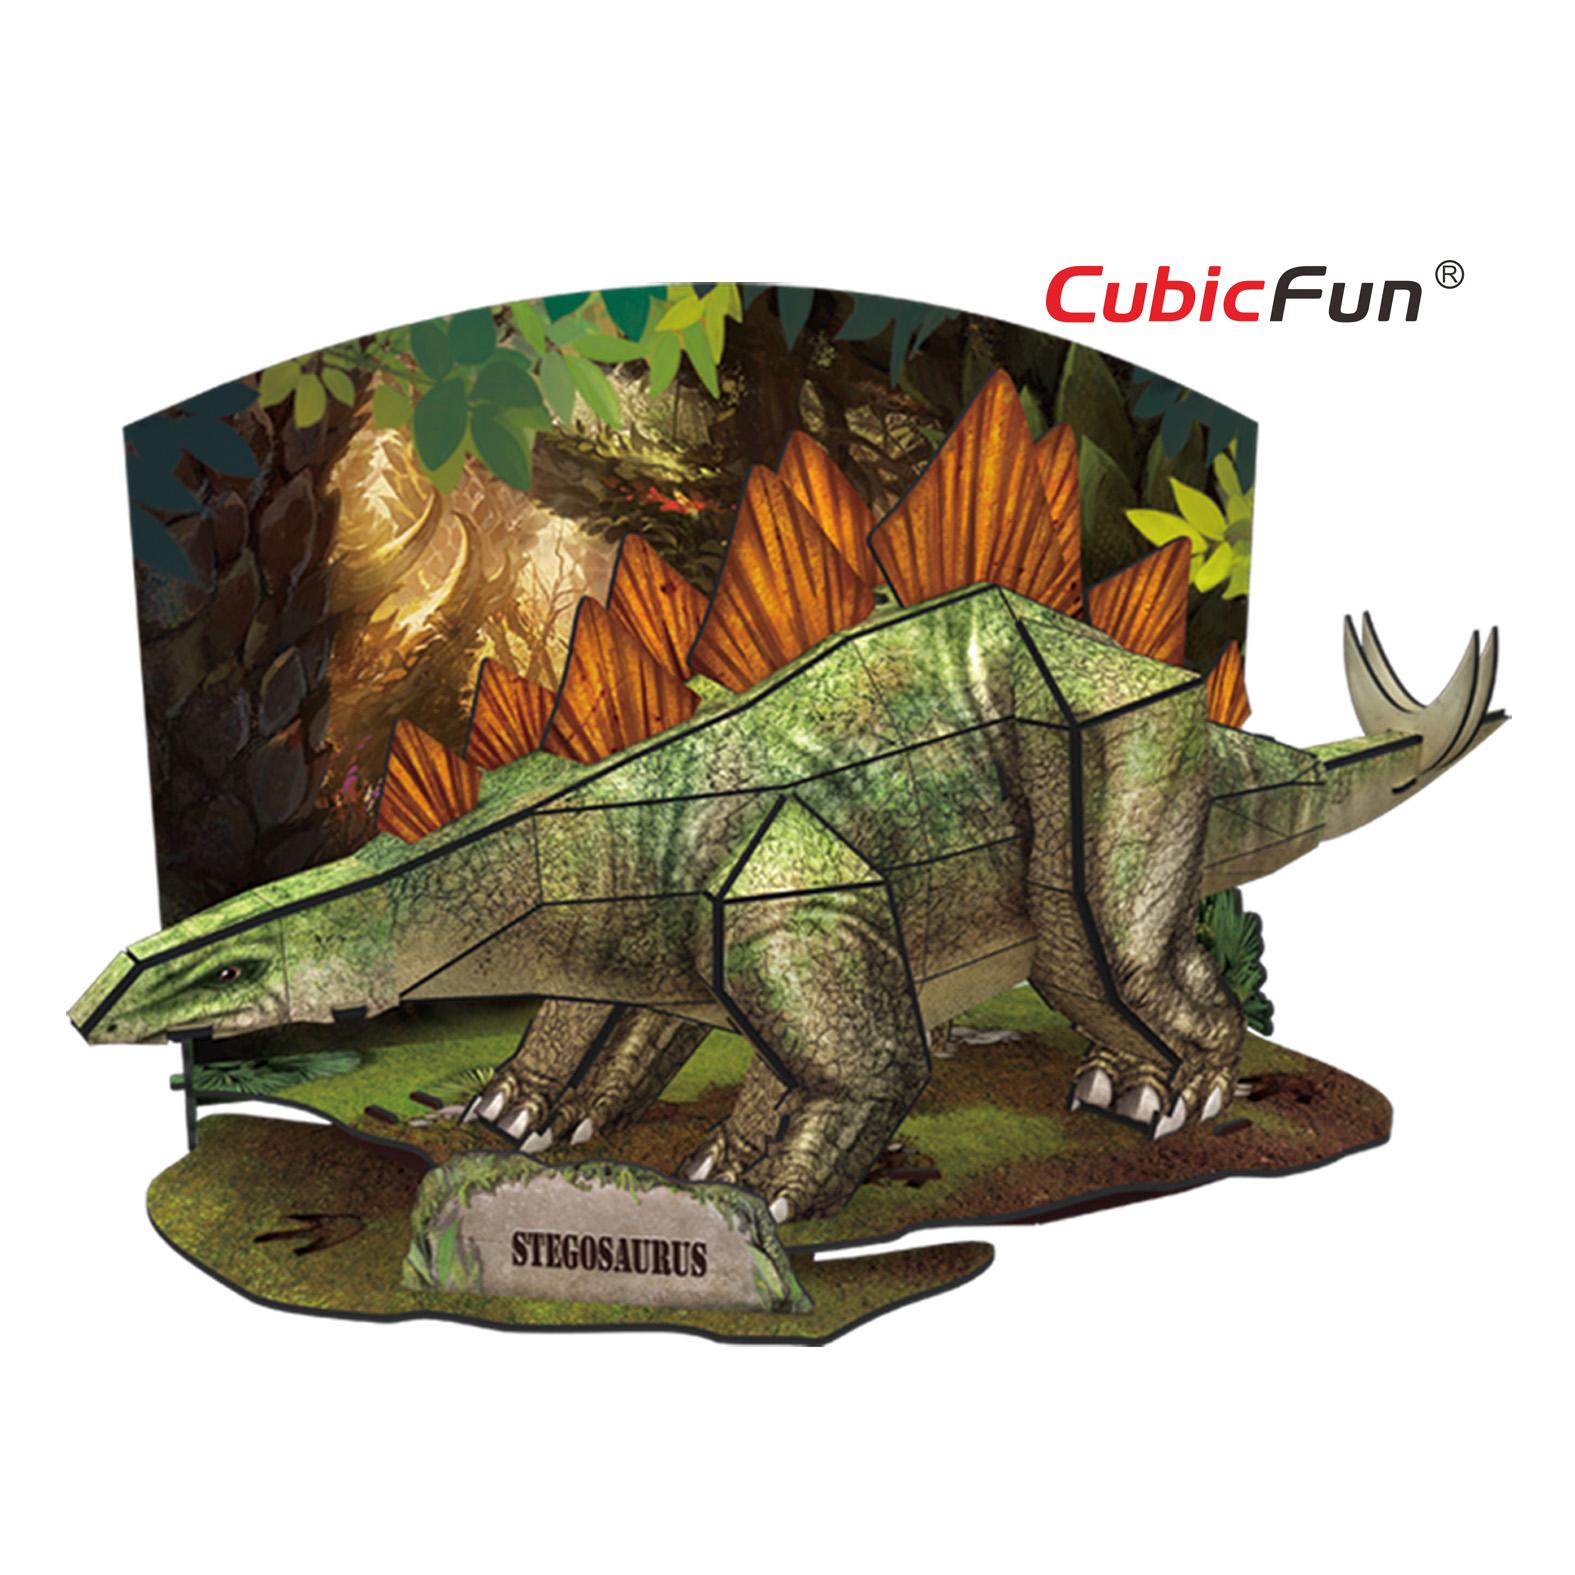 Купить Объемный 3D-пазл из серии Эра Динозавров - Стегозавр, Cubic Fun